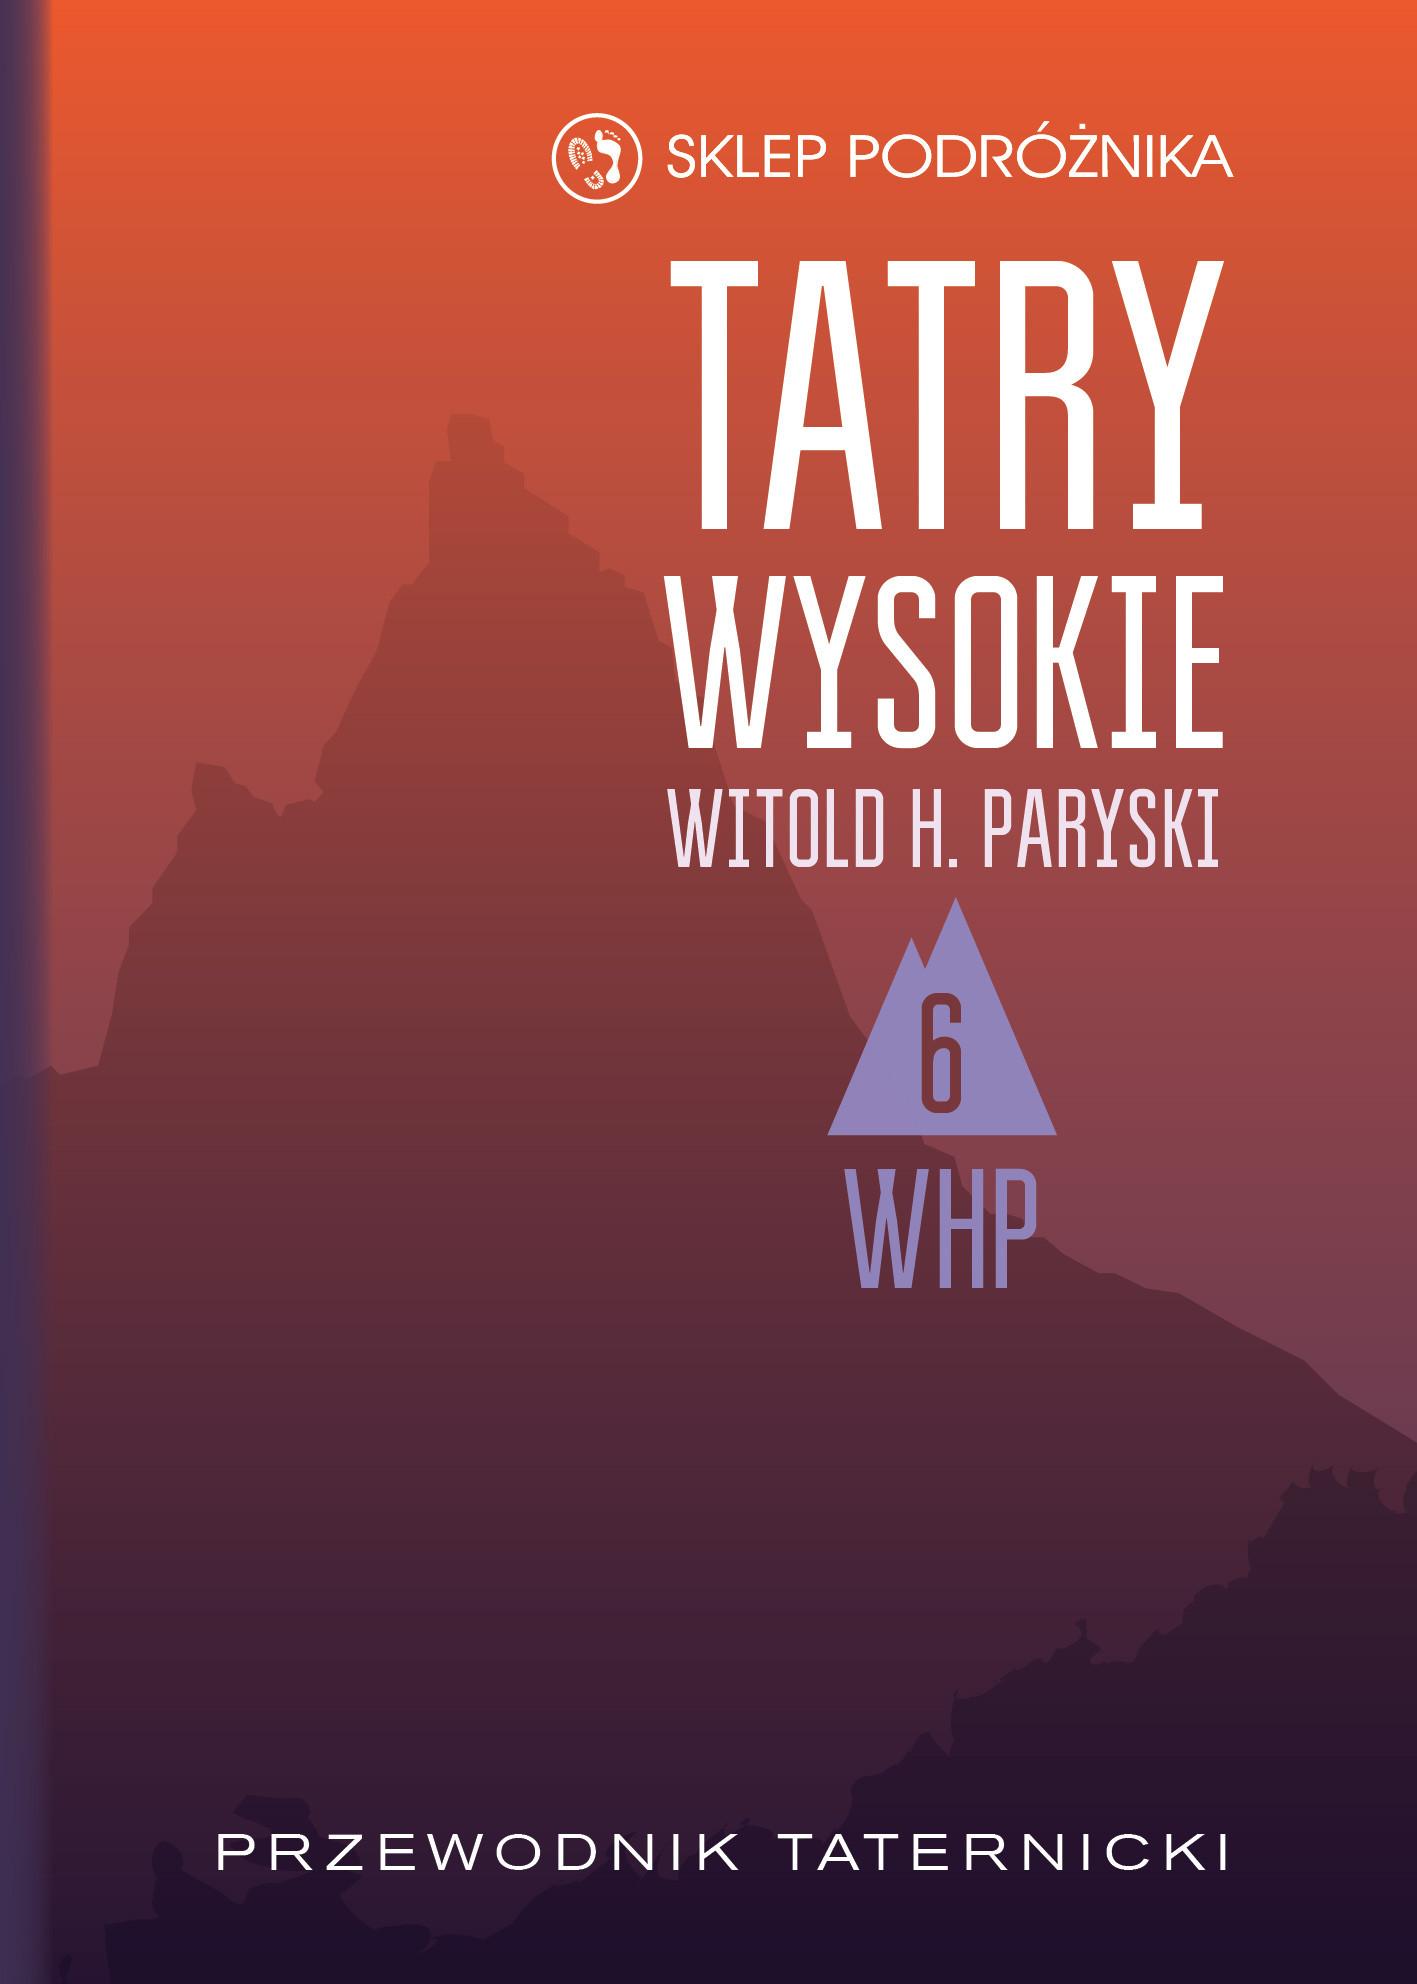 Tatry Wysokie. Przewodnik taternicki t. 6